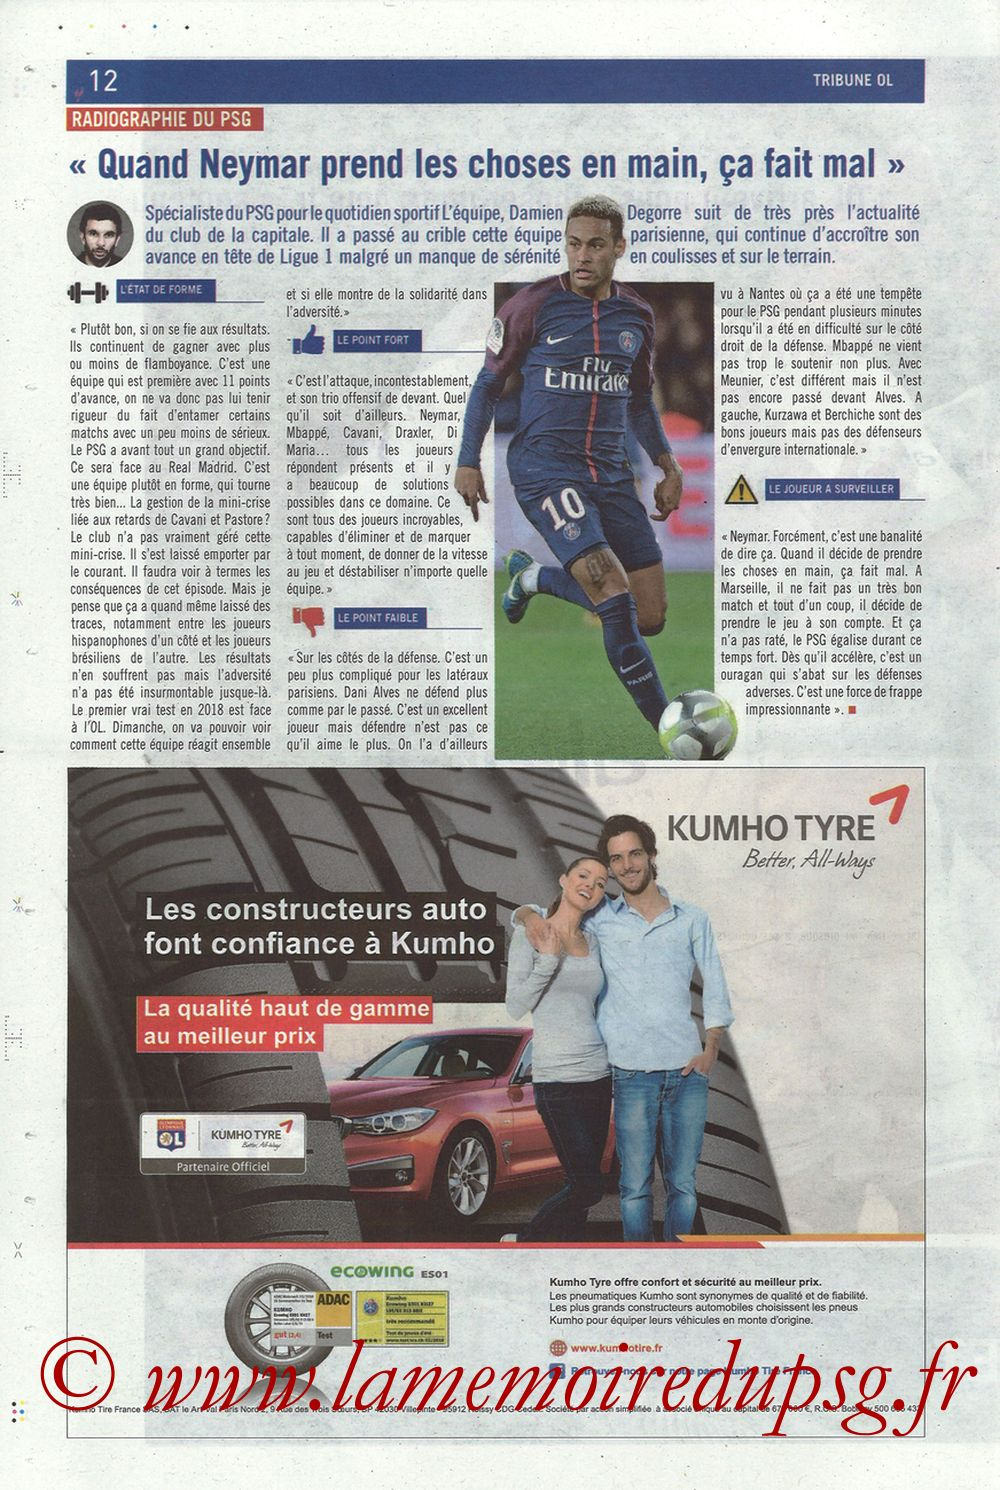 2018-01-21  Lyon-PSG (22ème L1, La Tribune OL N° 244) - Page 12